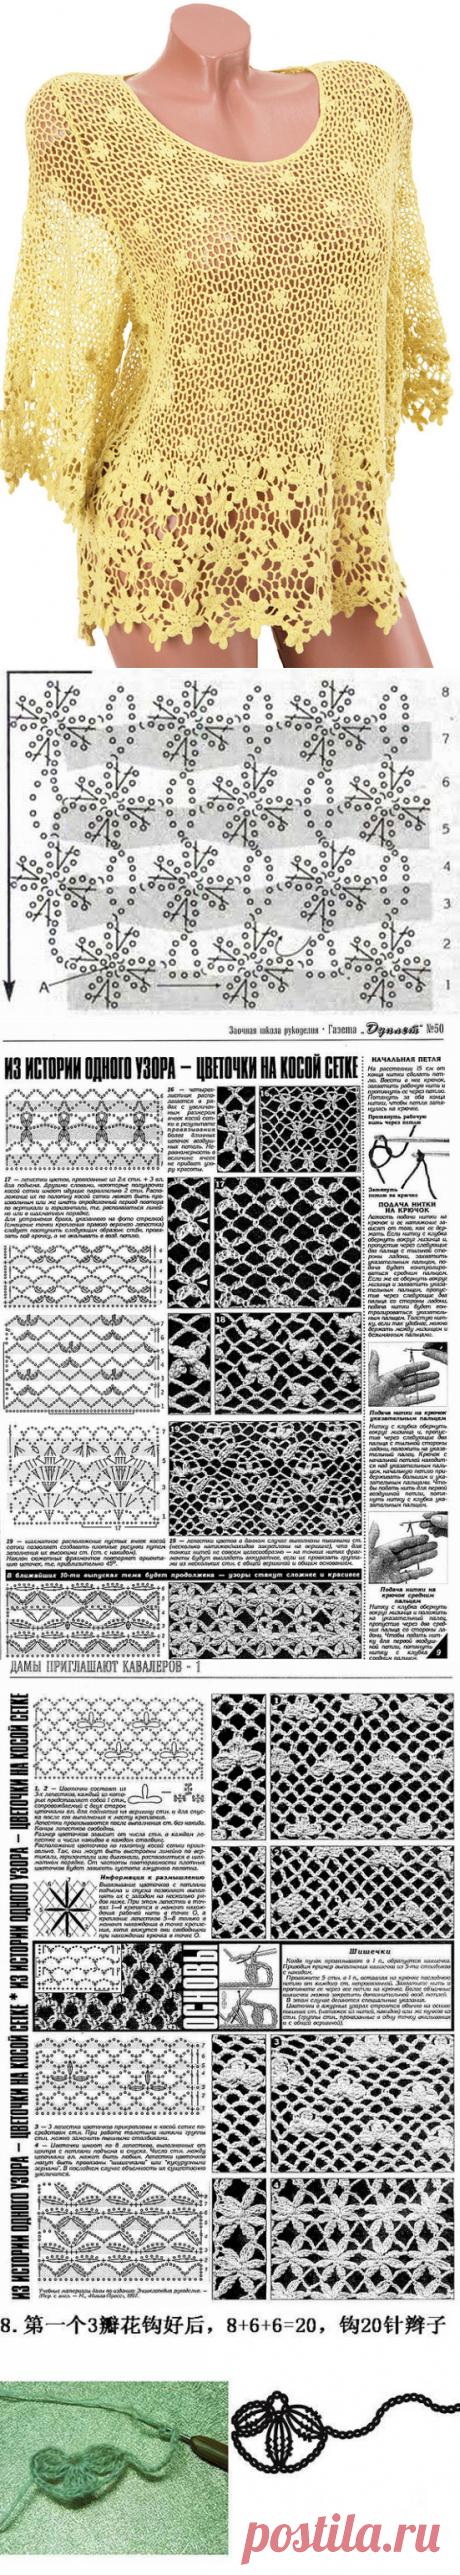 """Туника - """"Цветы в сетях солнечных лучей"""""""